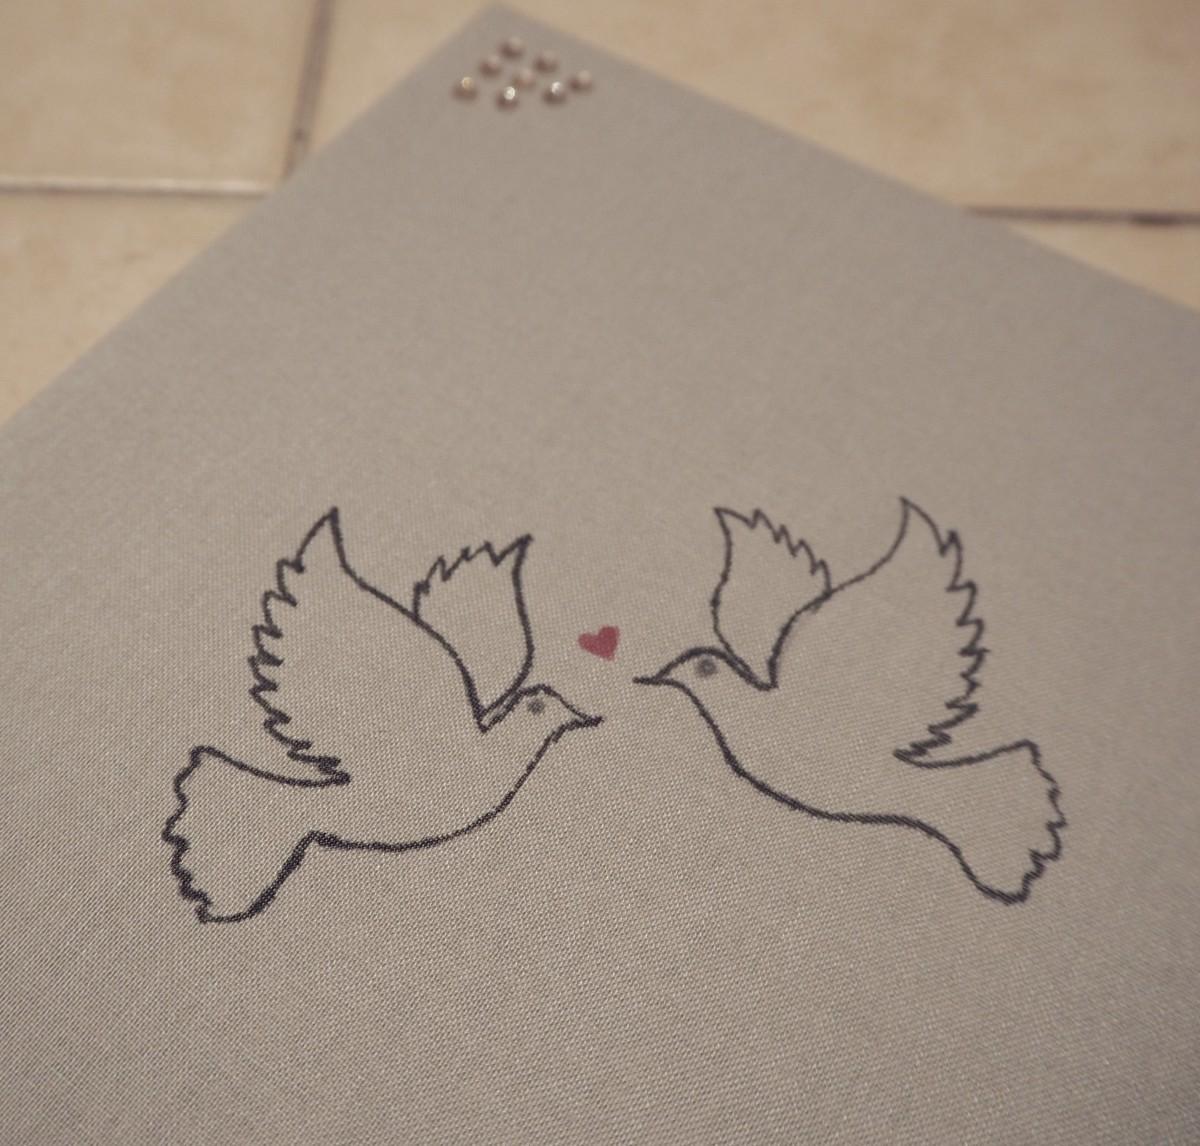 Verliebte Tauben auf dem Cover des Hochzeitsbuchs.